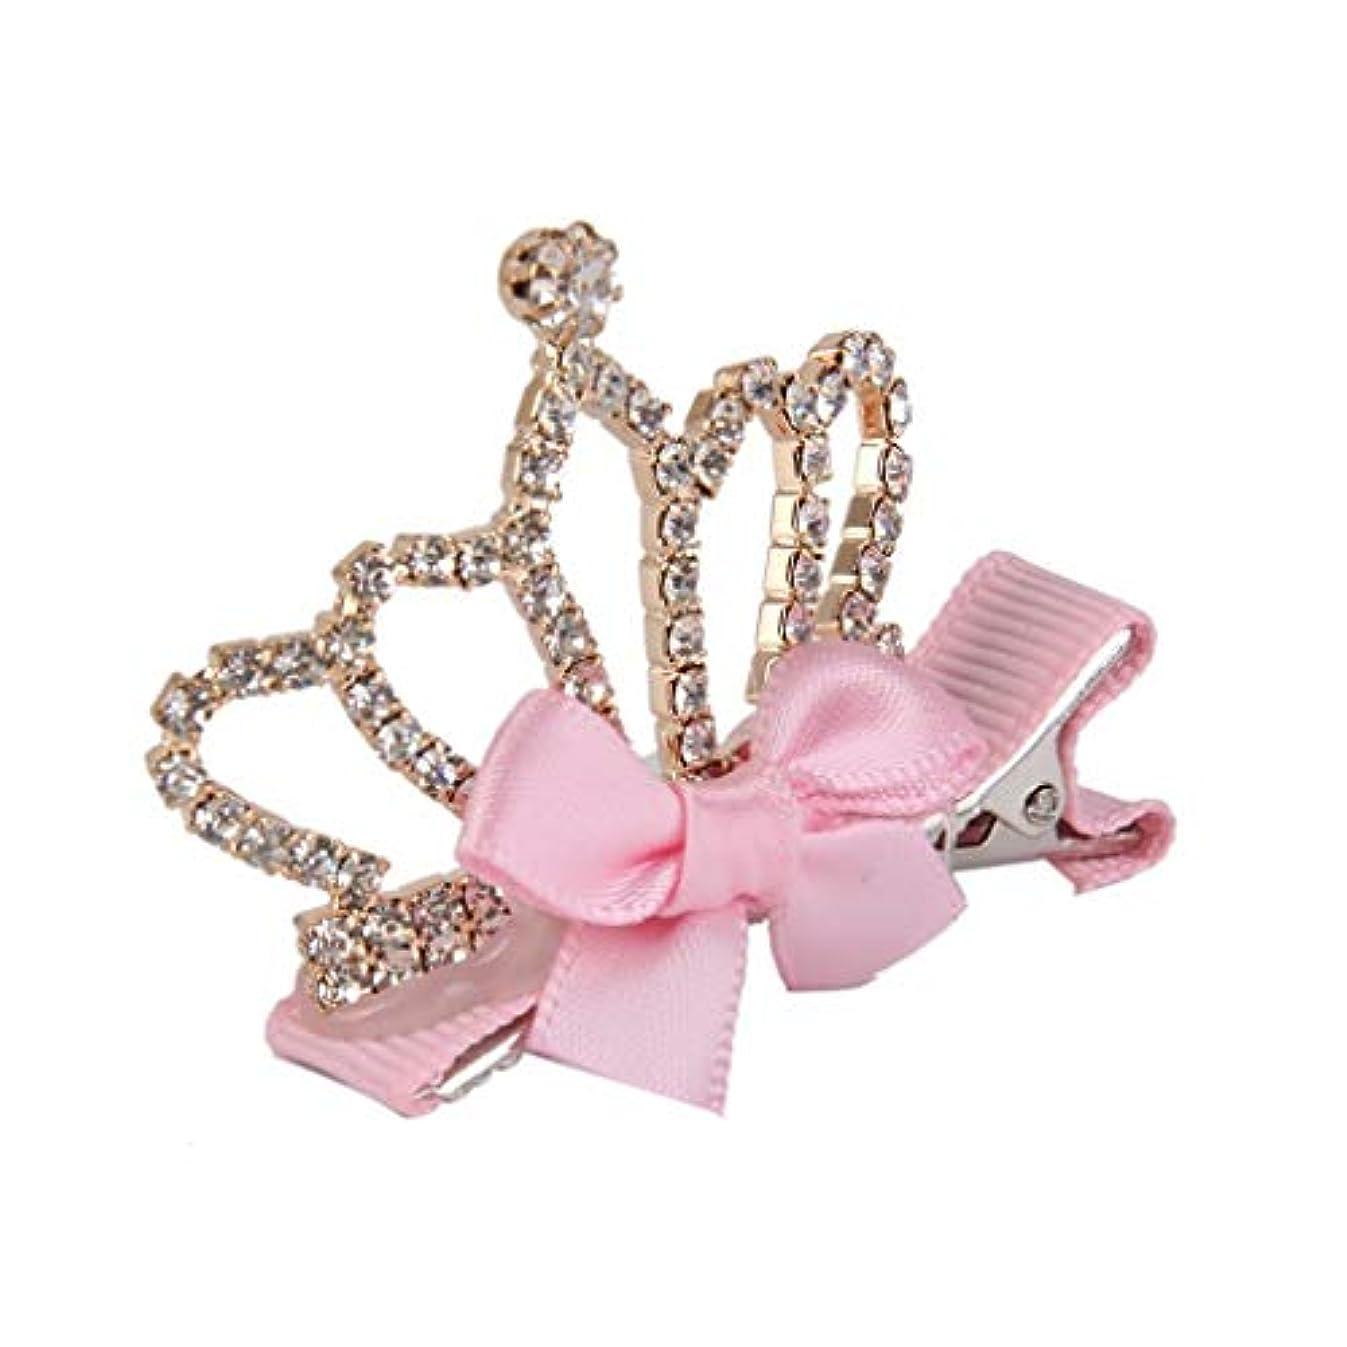 週末文献リストHPYOD HOME 女の子のためのかわいい王冠形のヘアクリップヘアクリップクリスマス誕生日プレゼント(ライトピンク)1pc